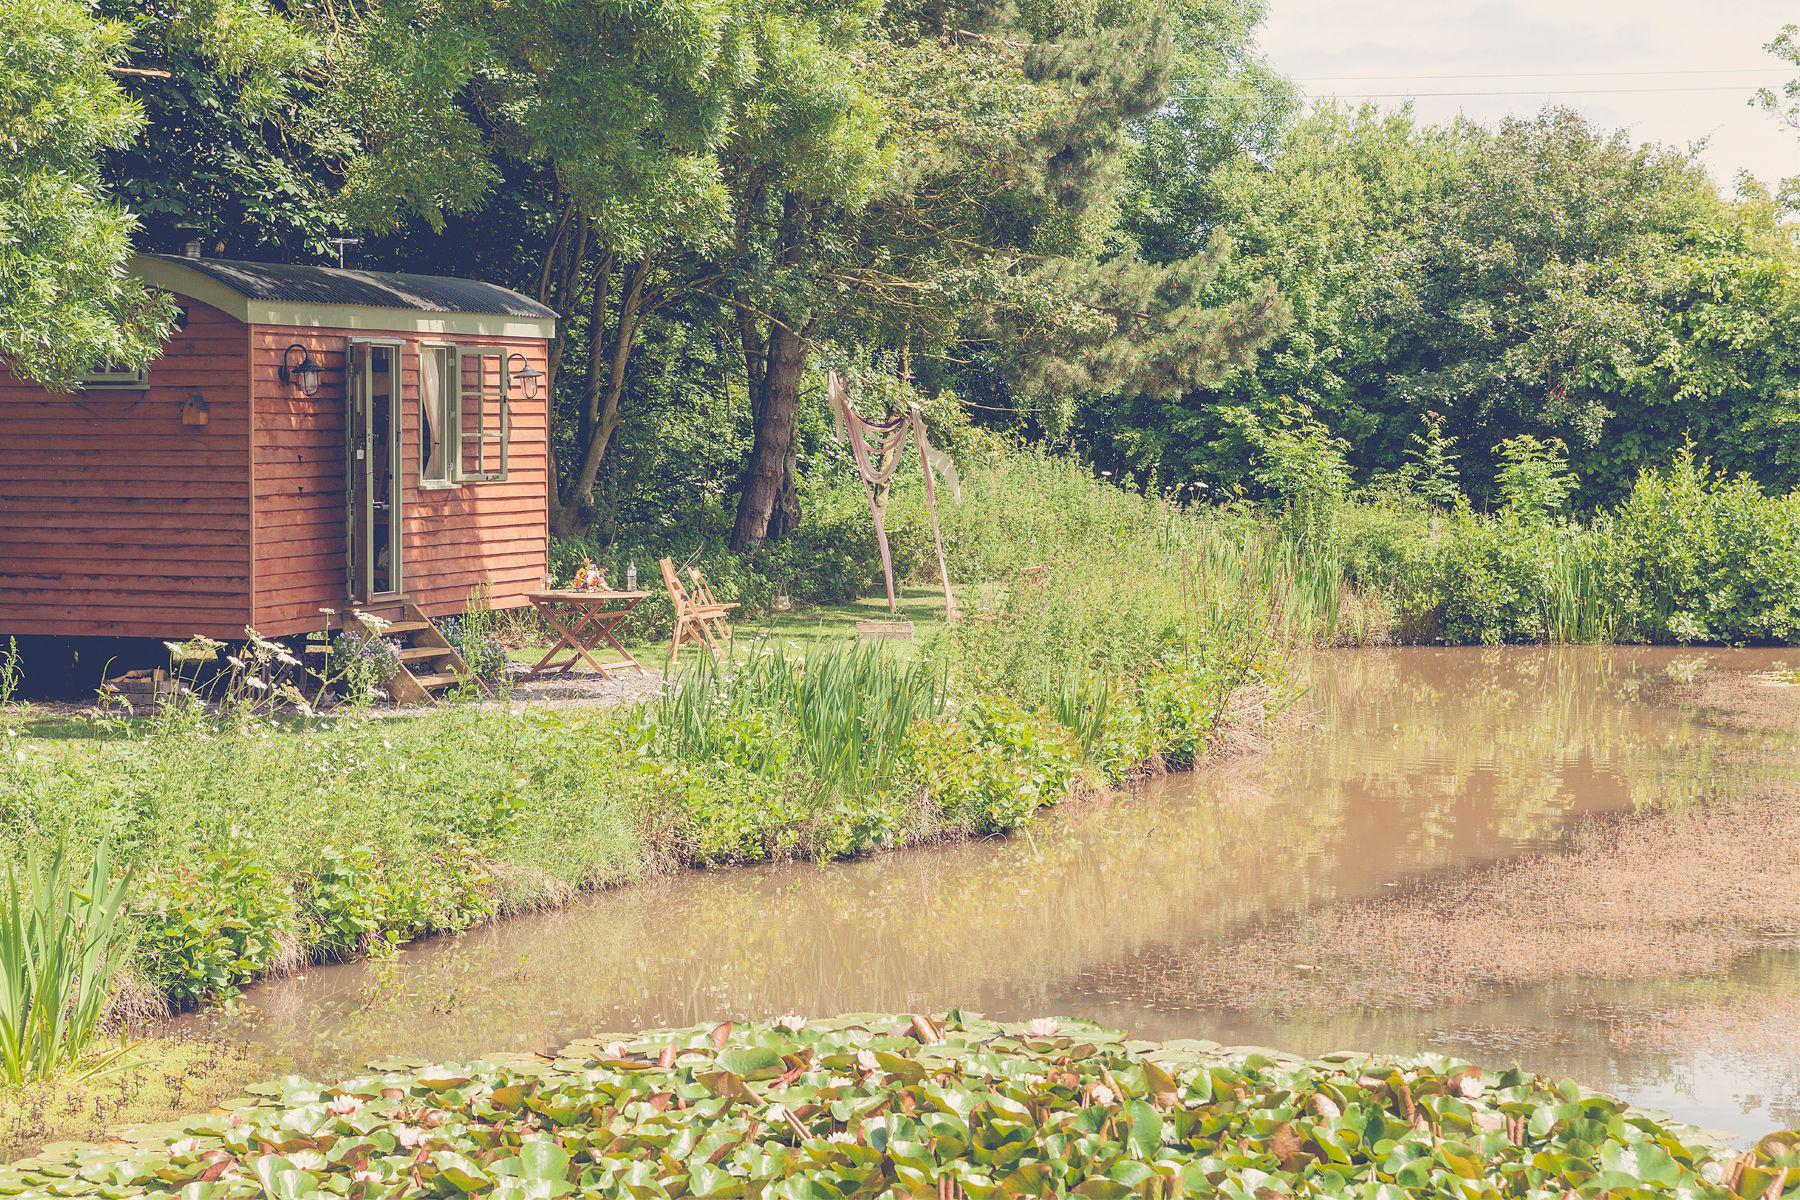 Little Otchan Shepherd's Hut